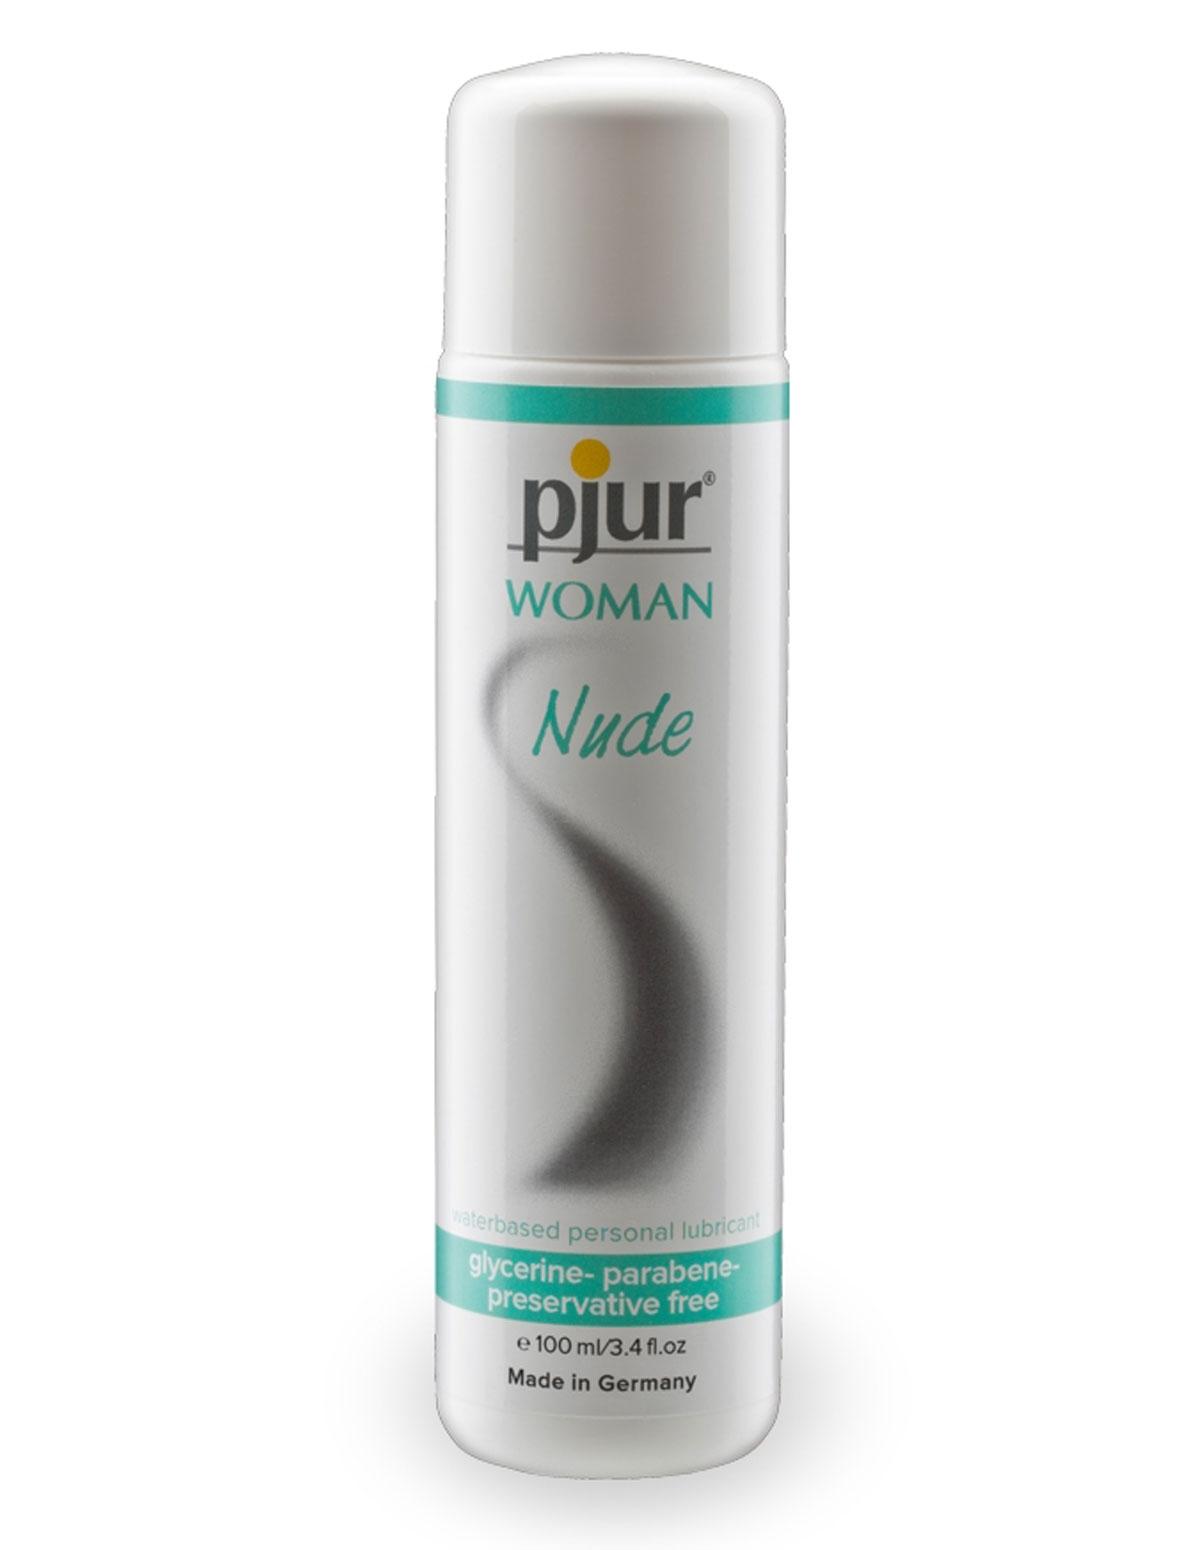 Pjur Woman Nude Lube 100Ml